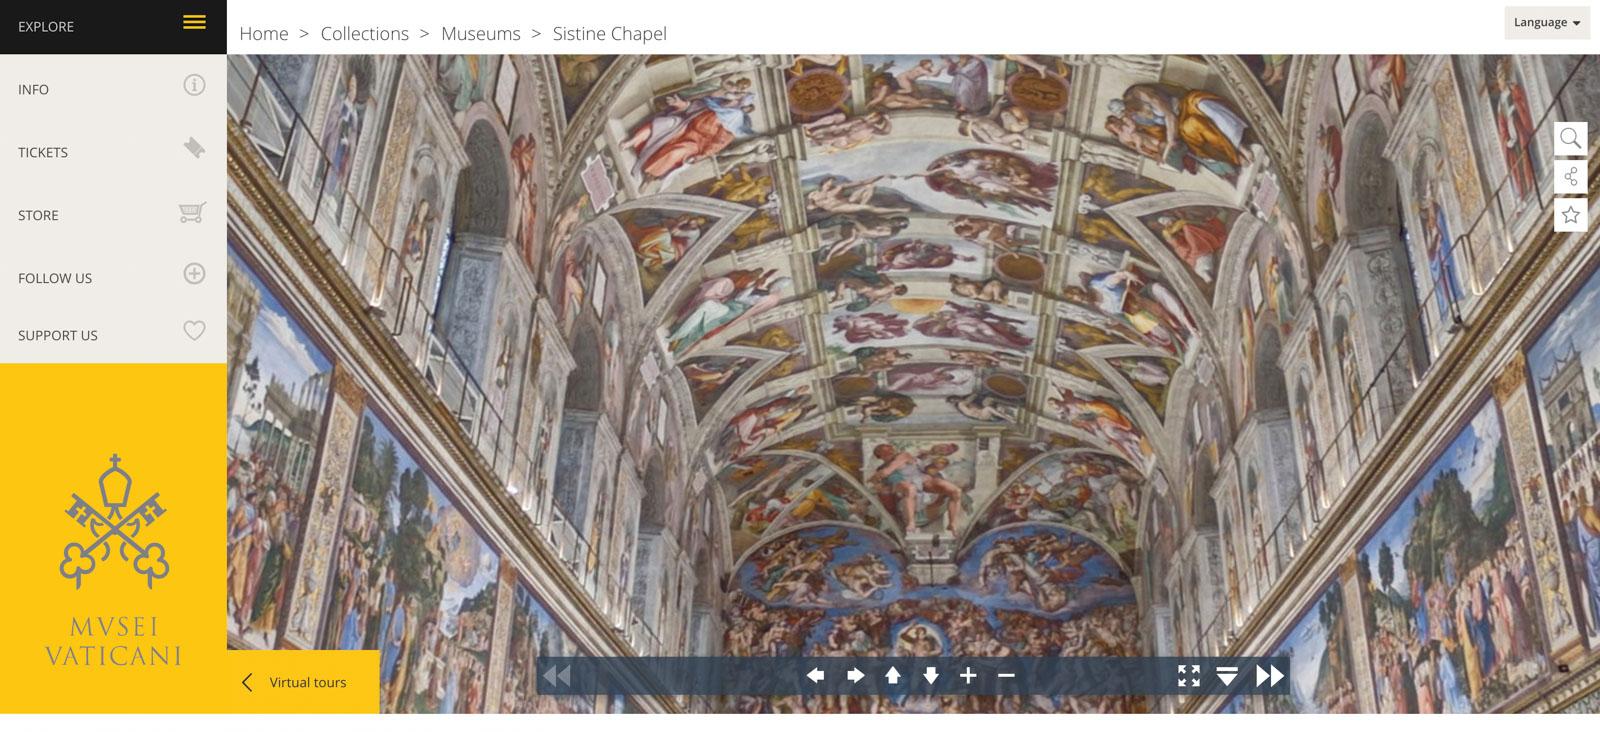 Tela do site oficial com a imagem 360º da Capela Sistina